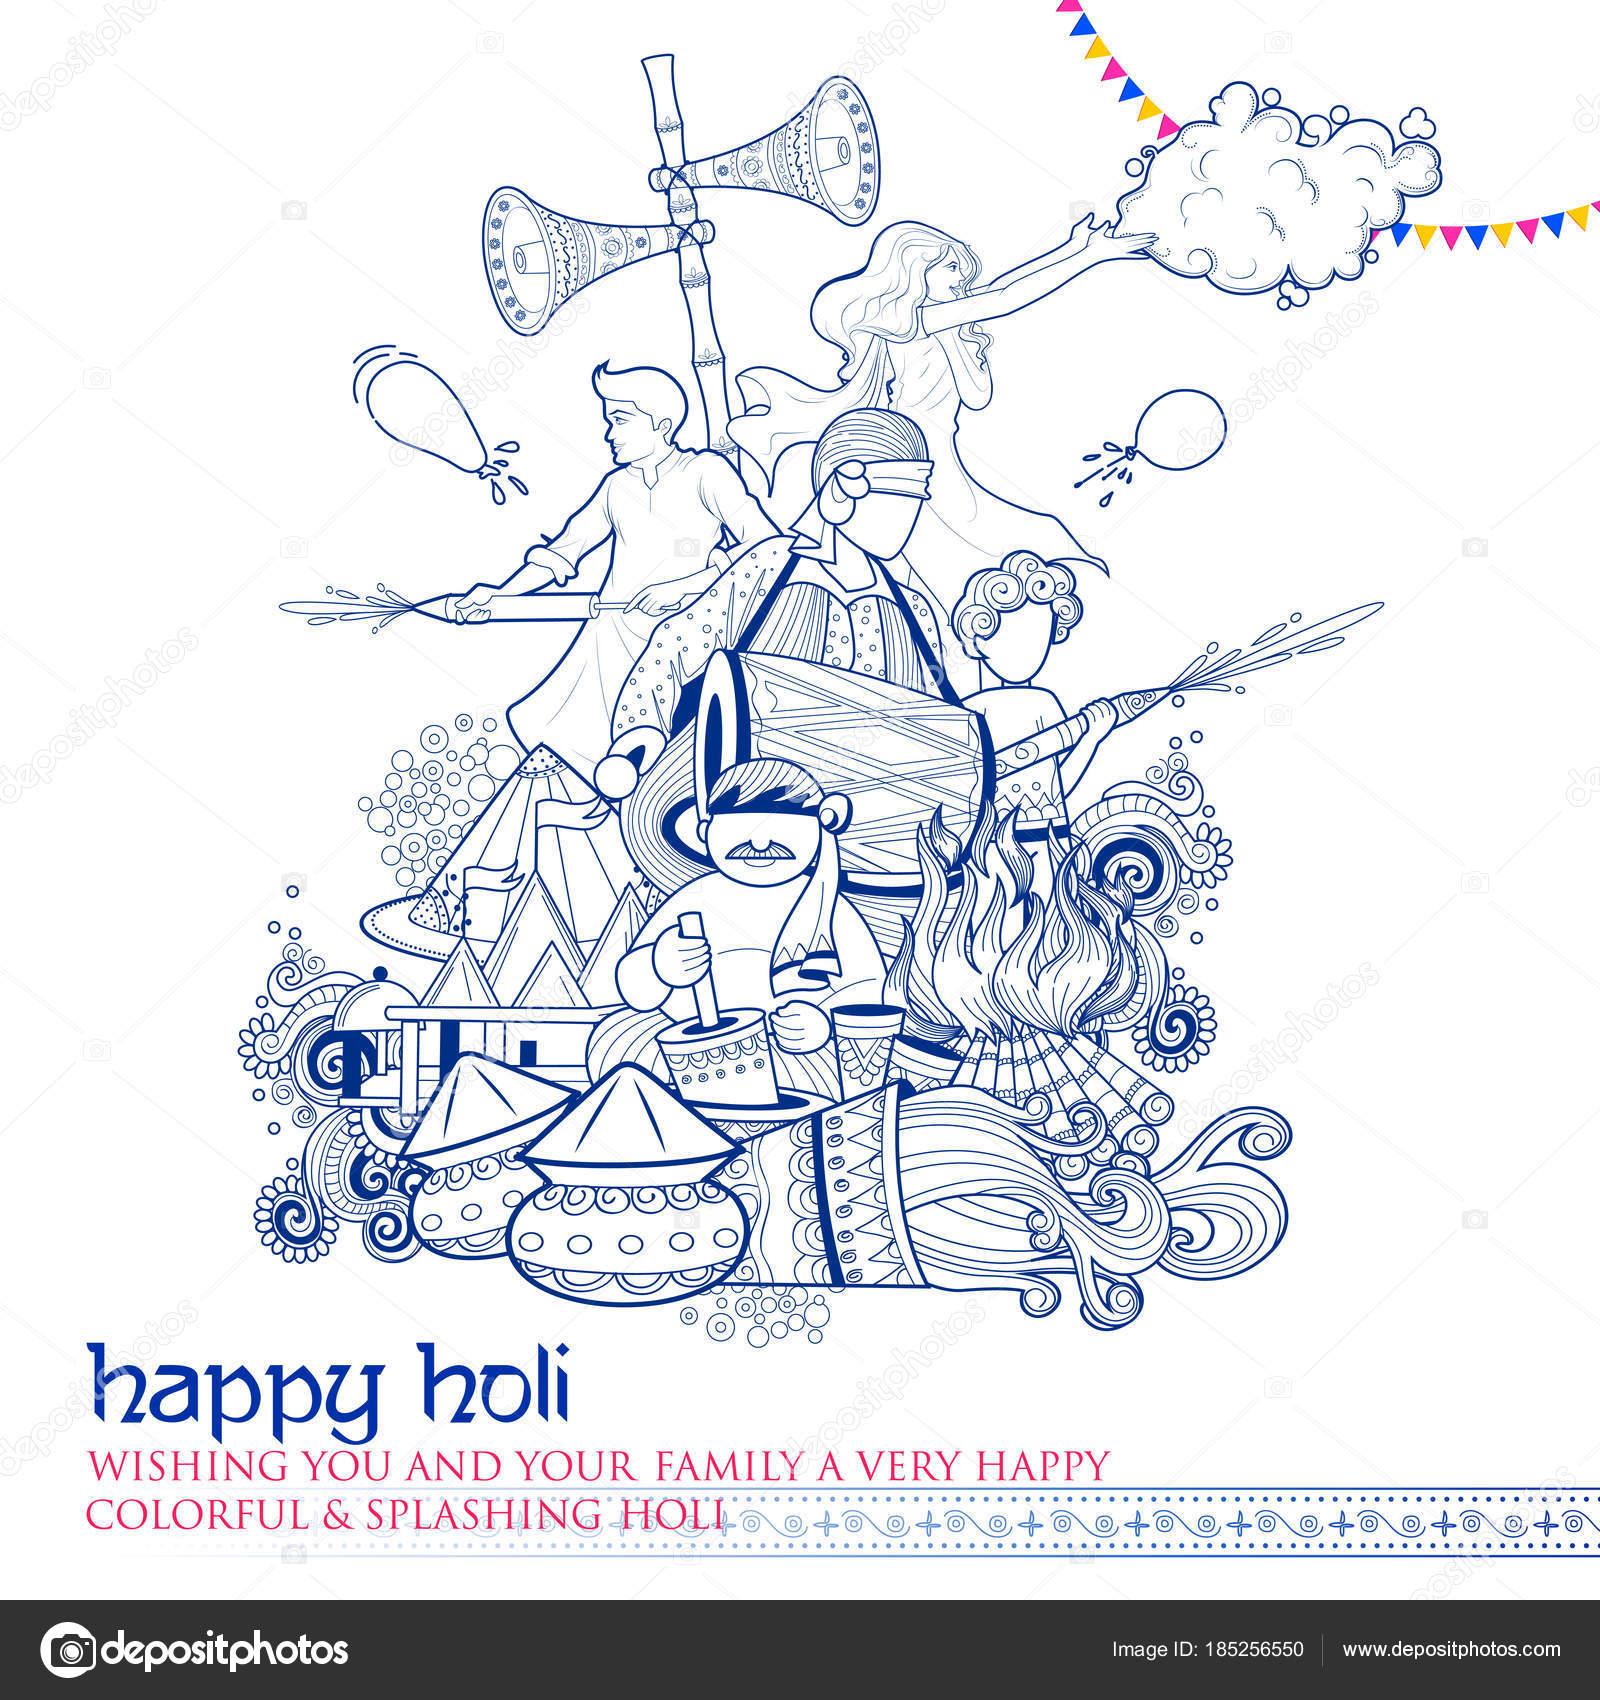 Happy Holi Doodle fondo para saludos de celebración del Festival de ...